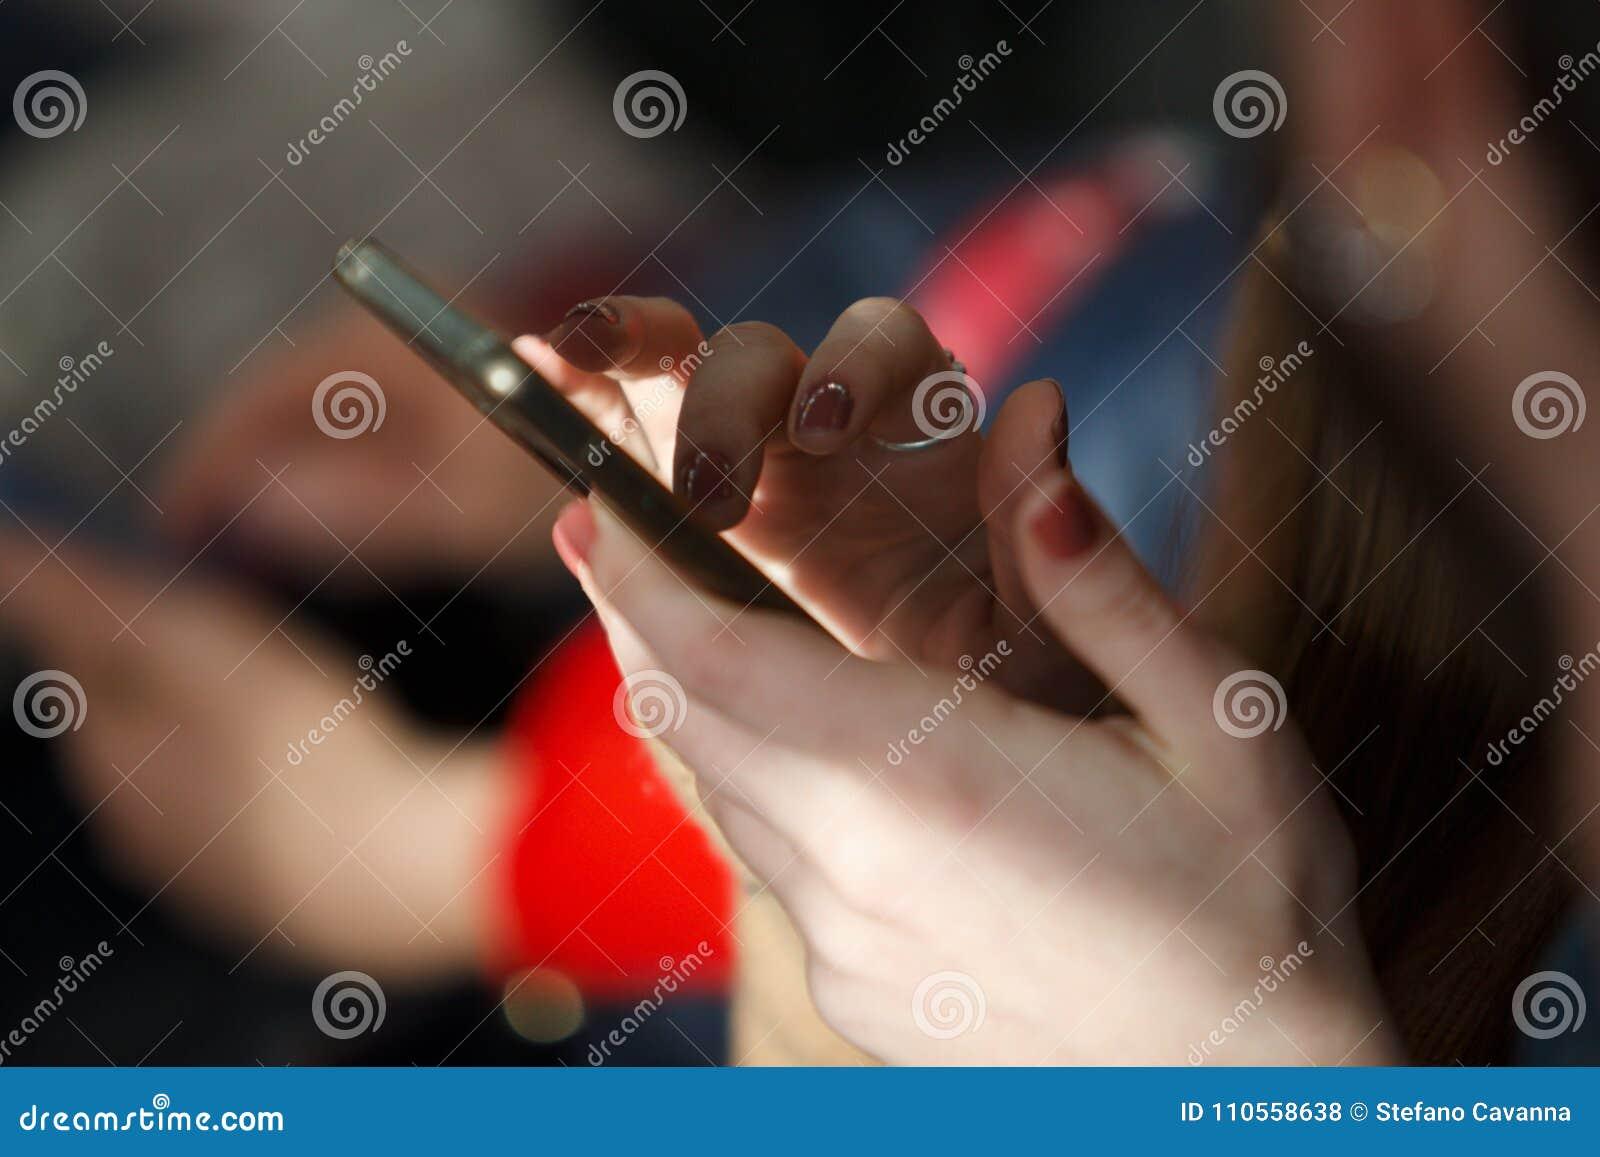 Vingers die op een cellulaire telefoonvertoning typen